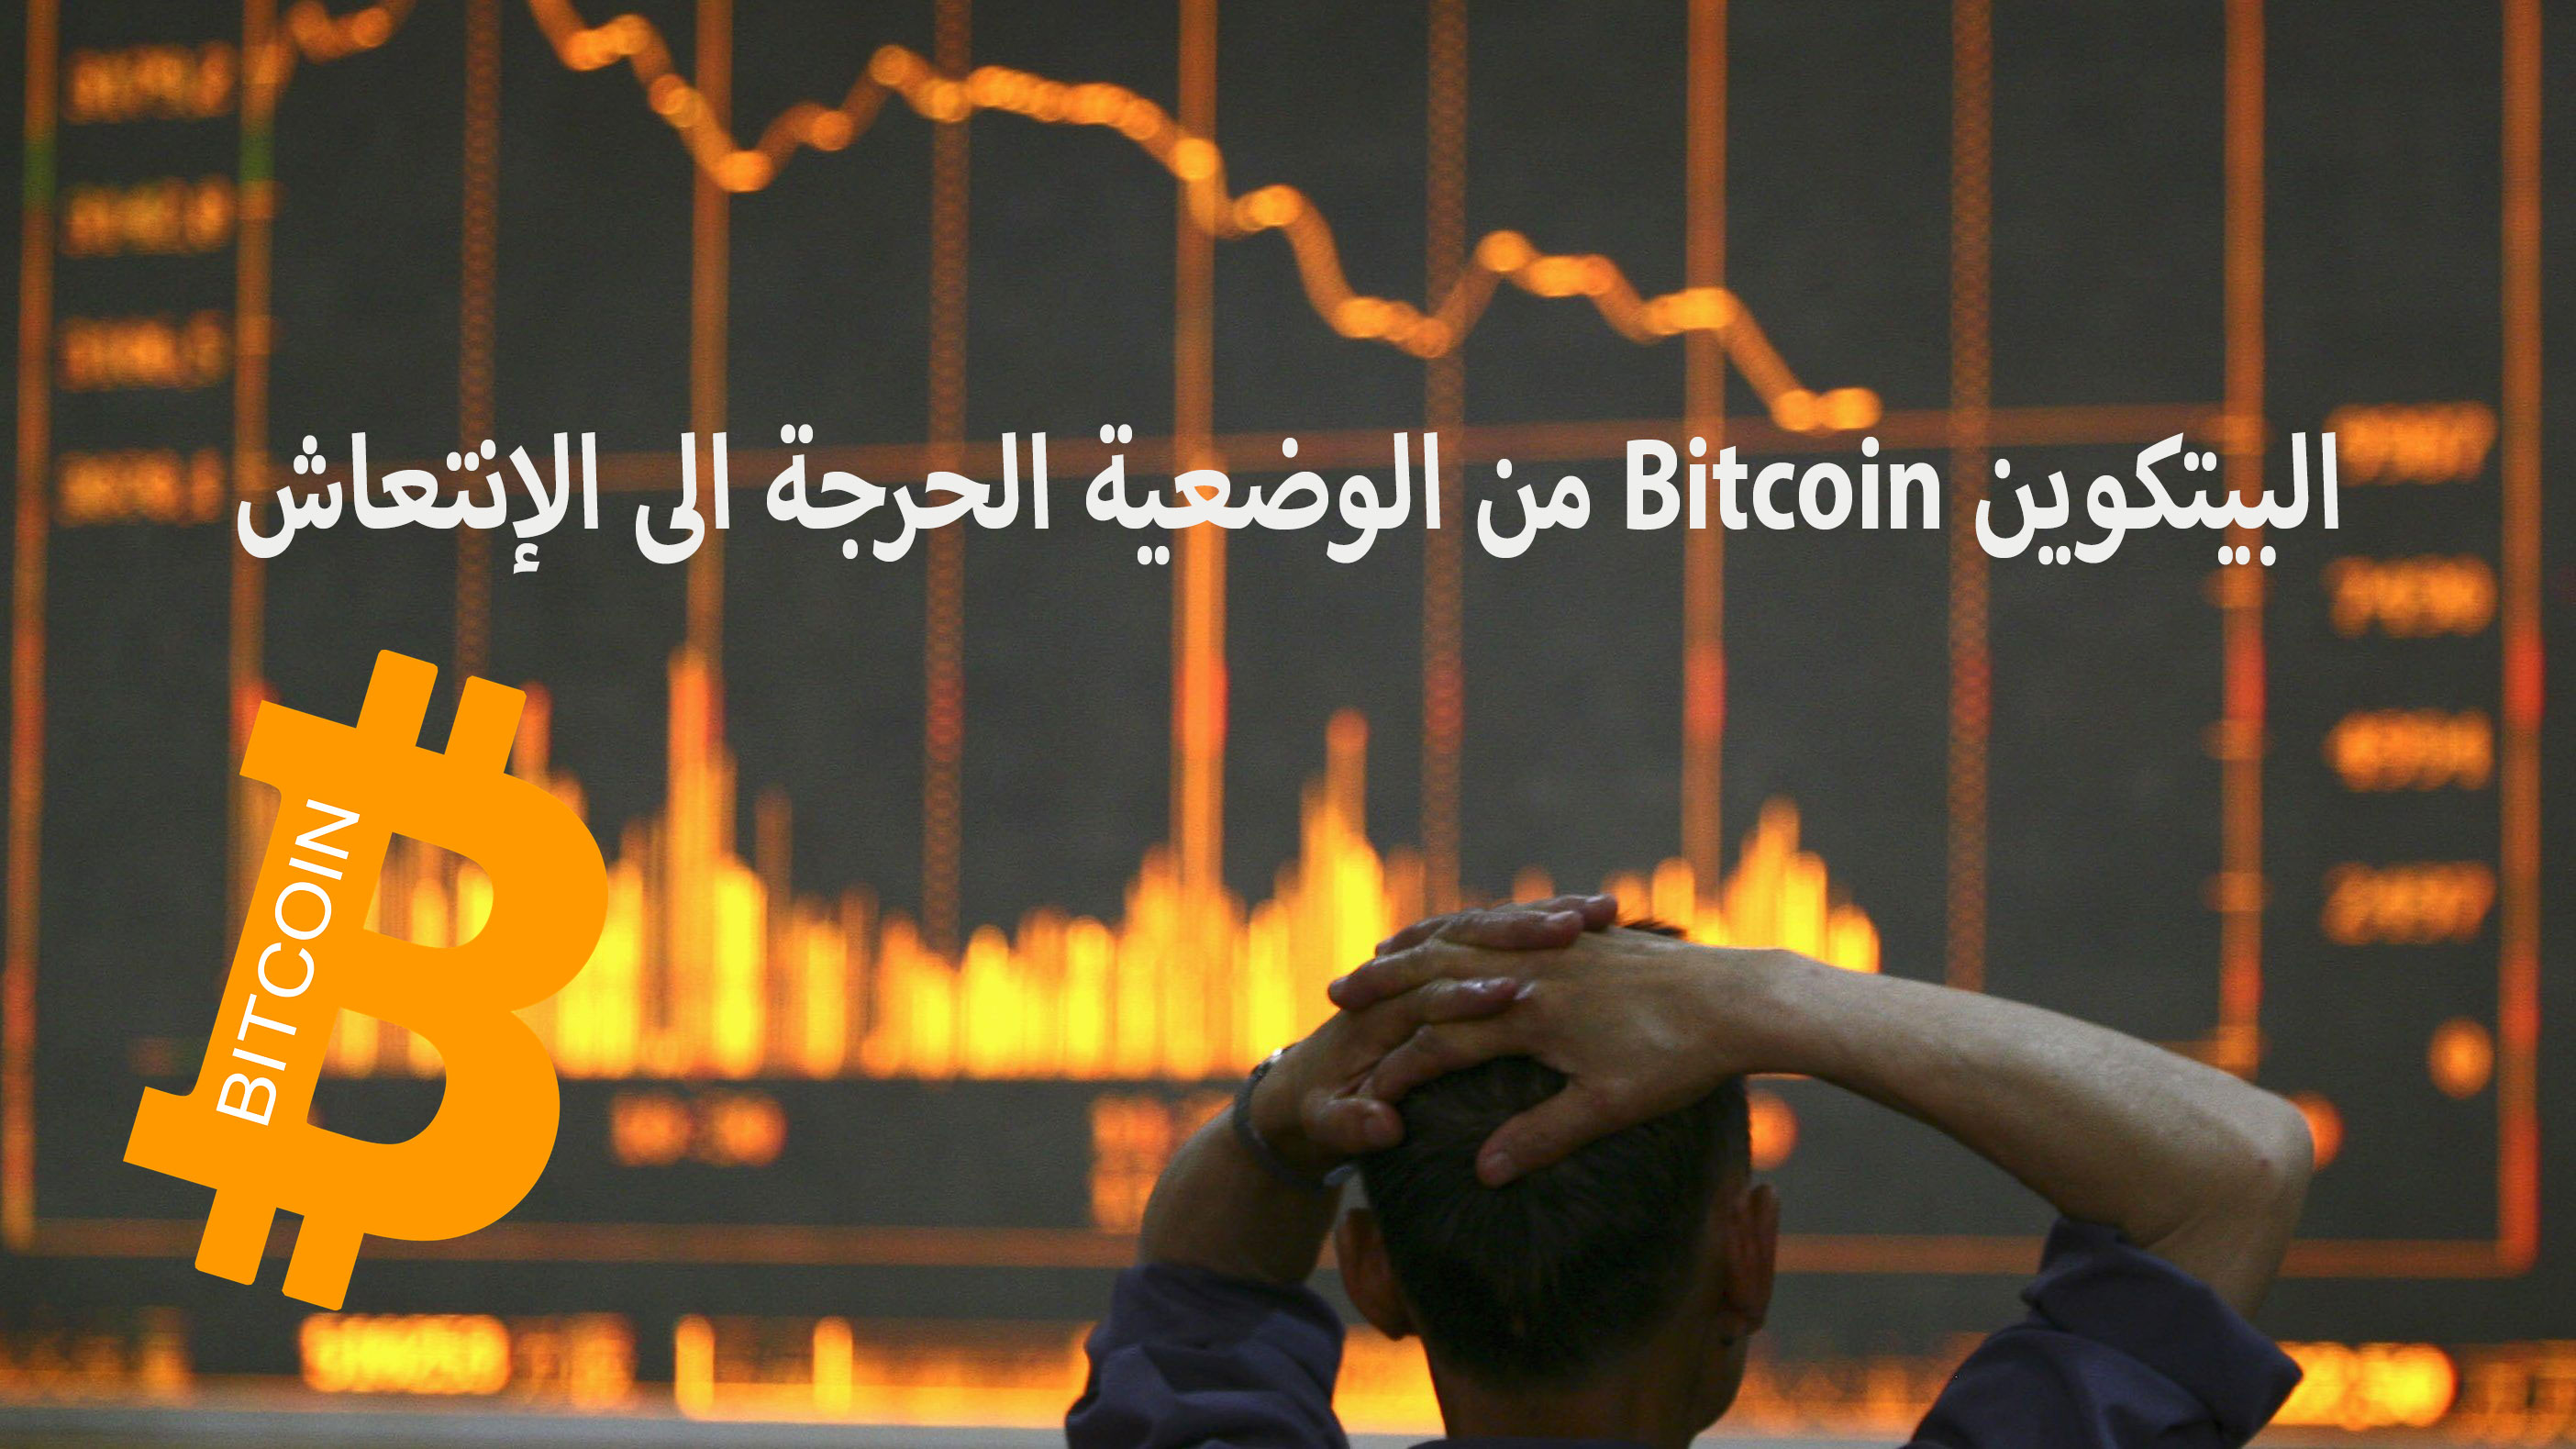 البيتكوين Bitcoin من الوضعية الحرجة الى الإنتعاش